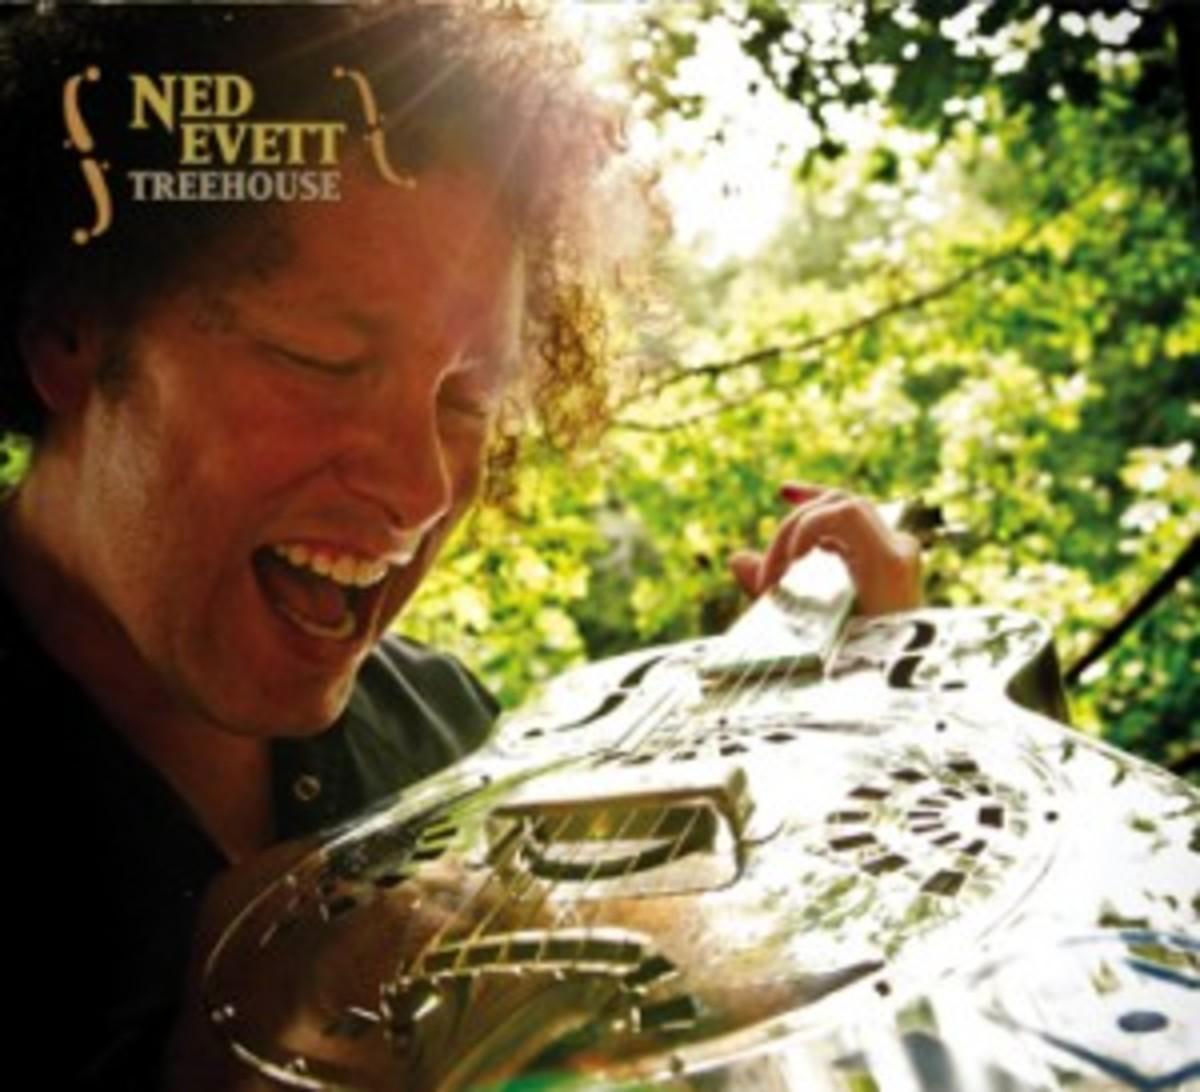 Ned Evett Treehouse